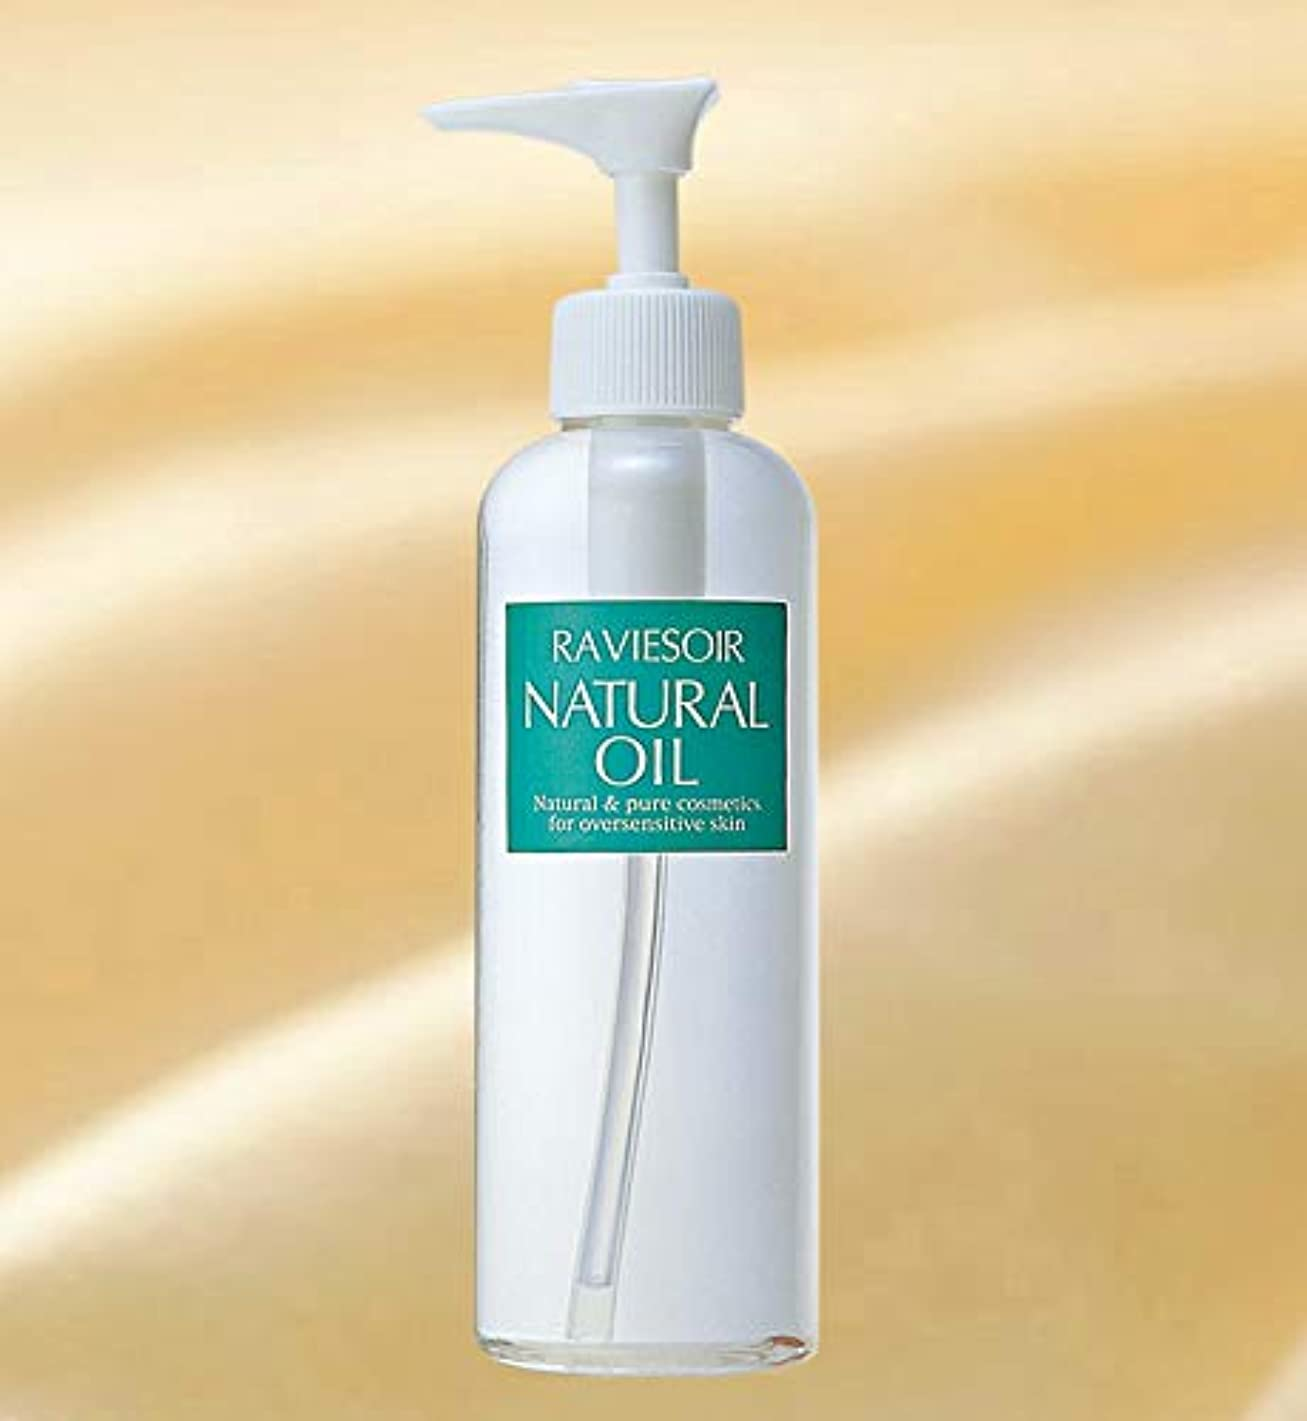 獣違反ピアニストラヴィソワール ナチュラルオイル(200ml) Raviesoir Natural Oil